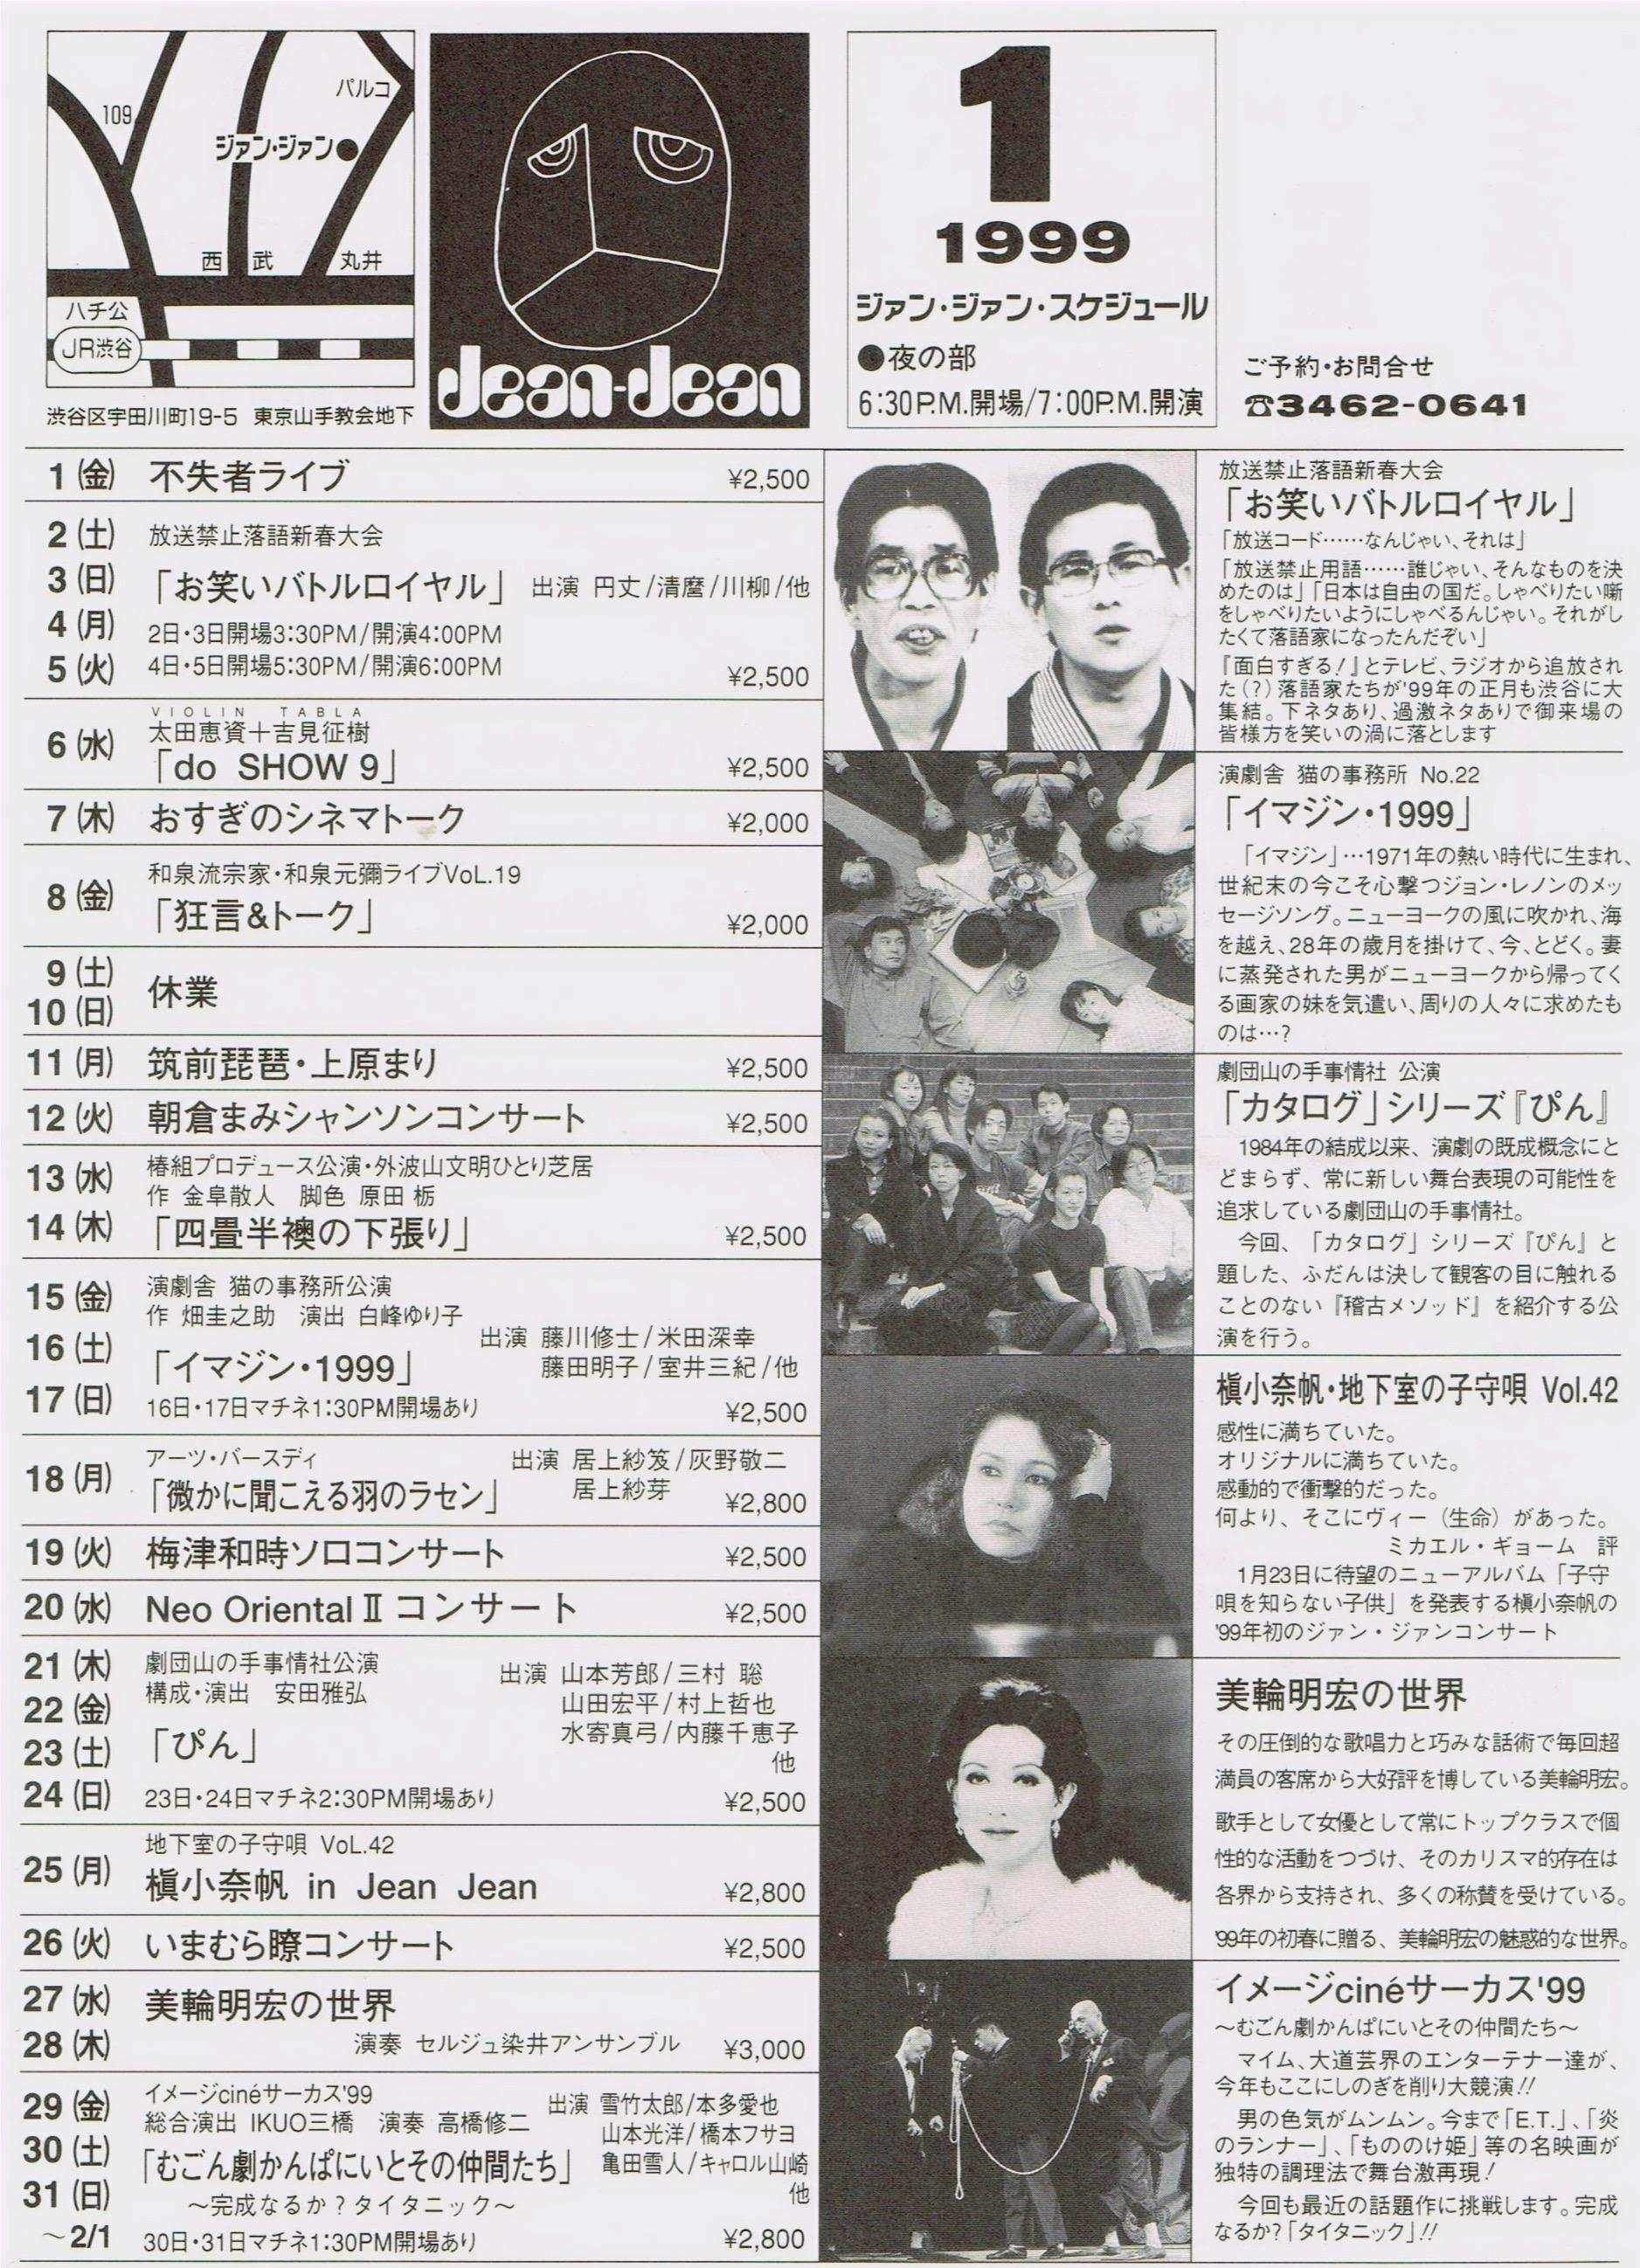 渋谷ジアンジアンスケジュール'99